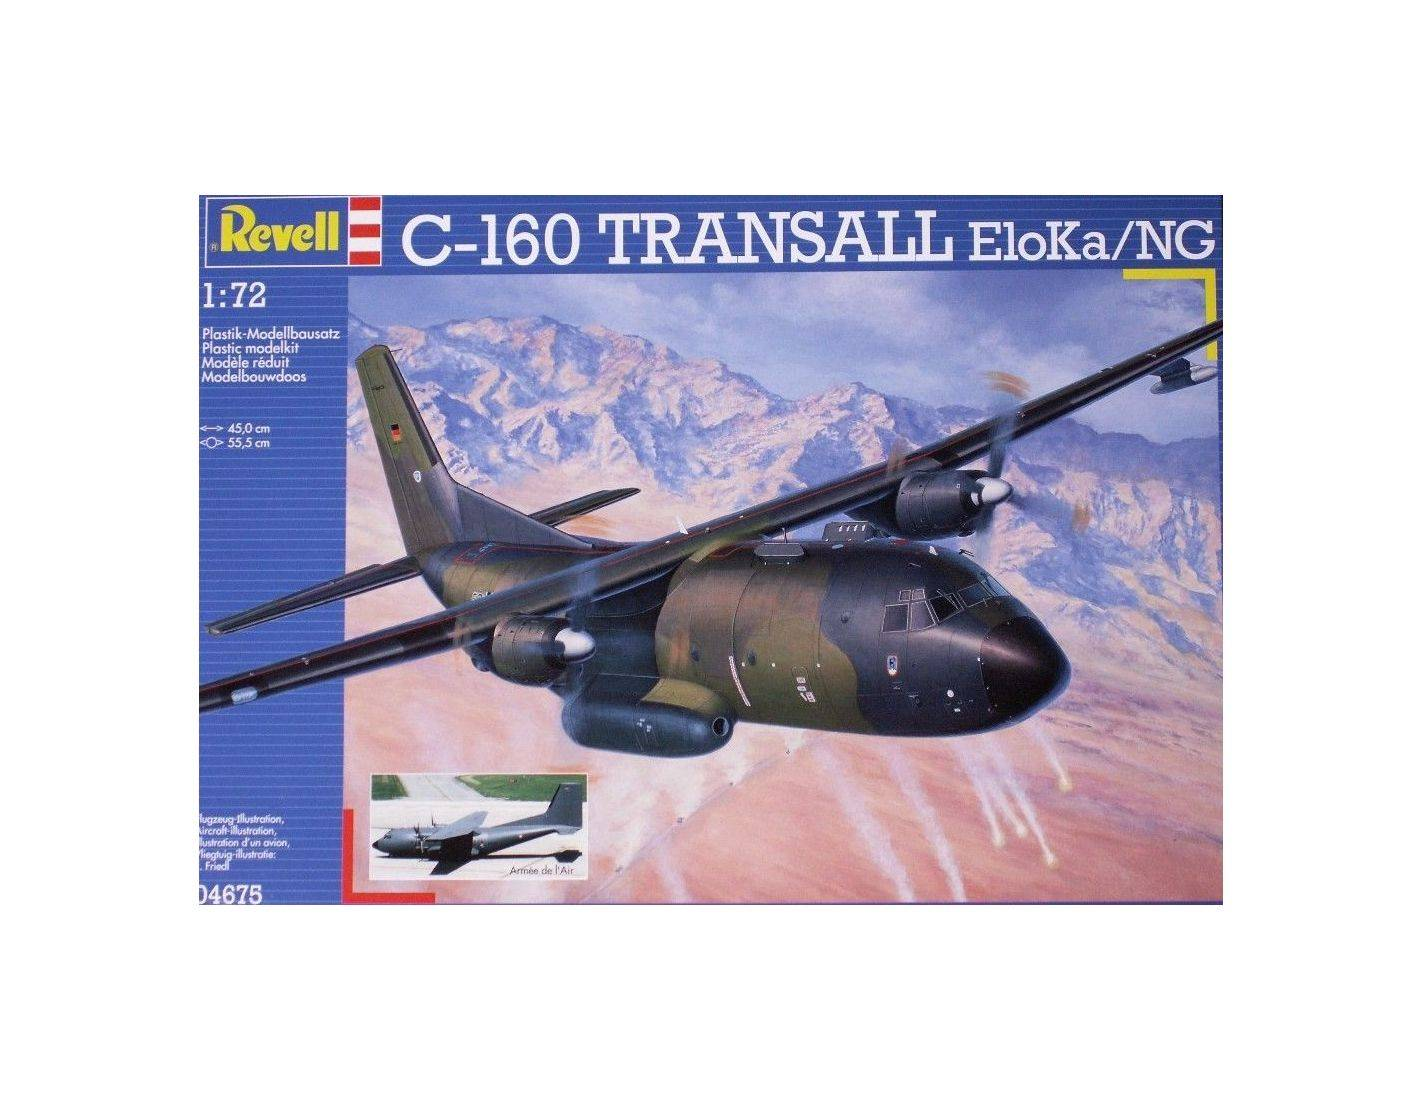 Elicottero Hot Wheels : Revell c transall eloka ng kit elicottero modellino